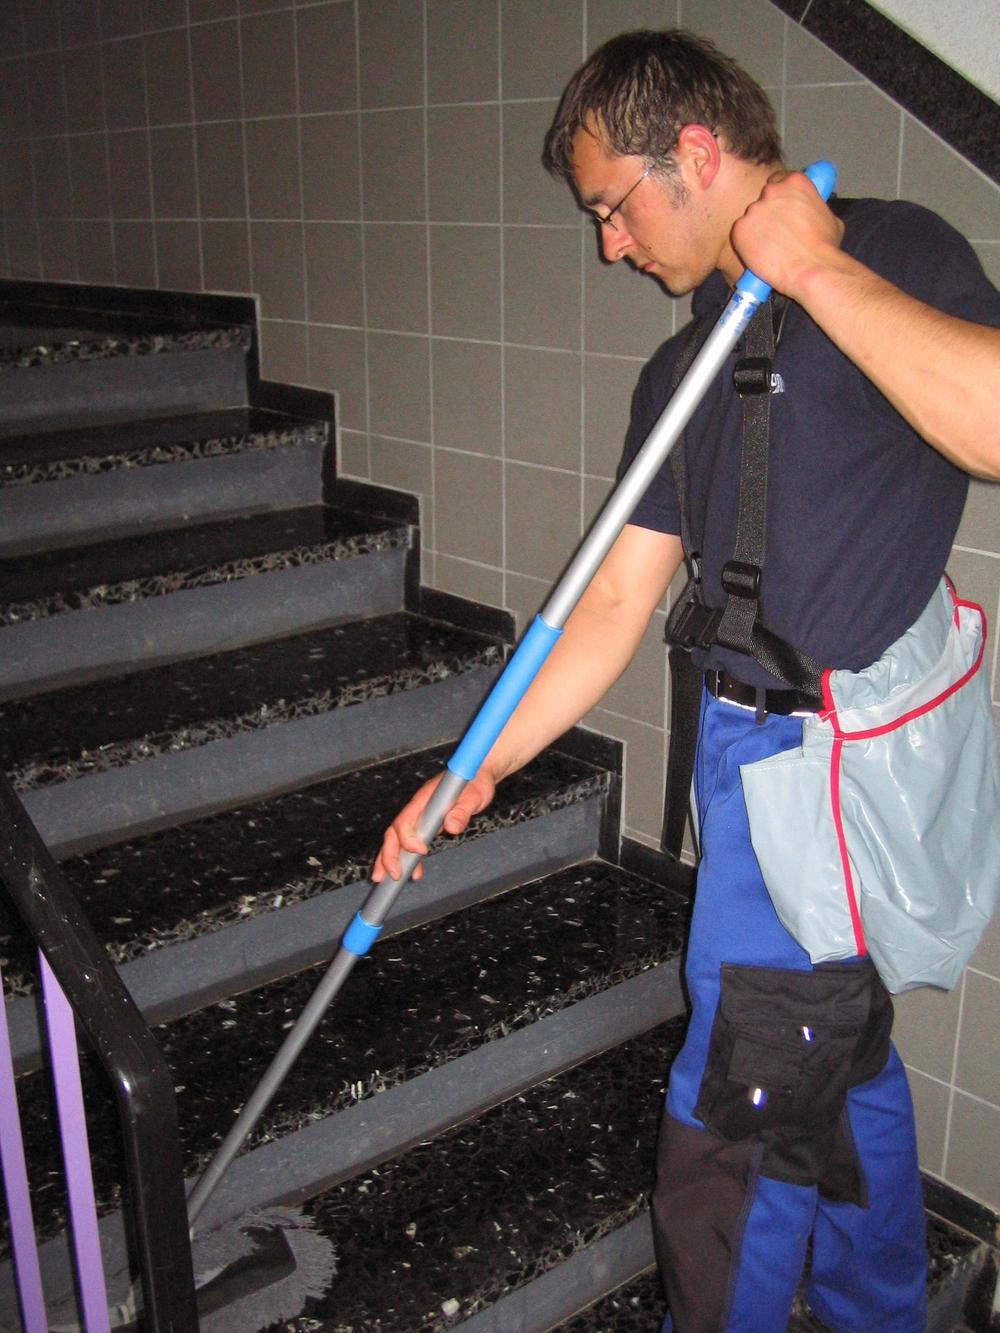 Treppenhausreinigung